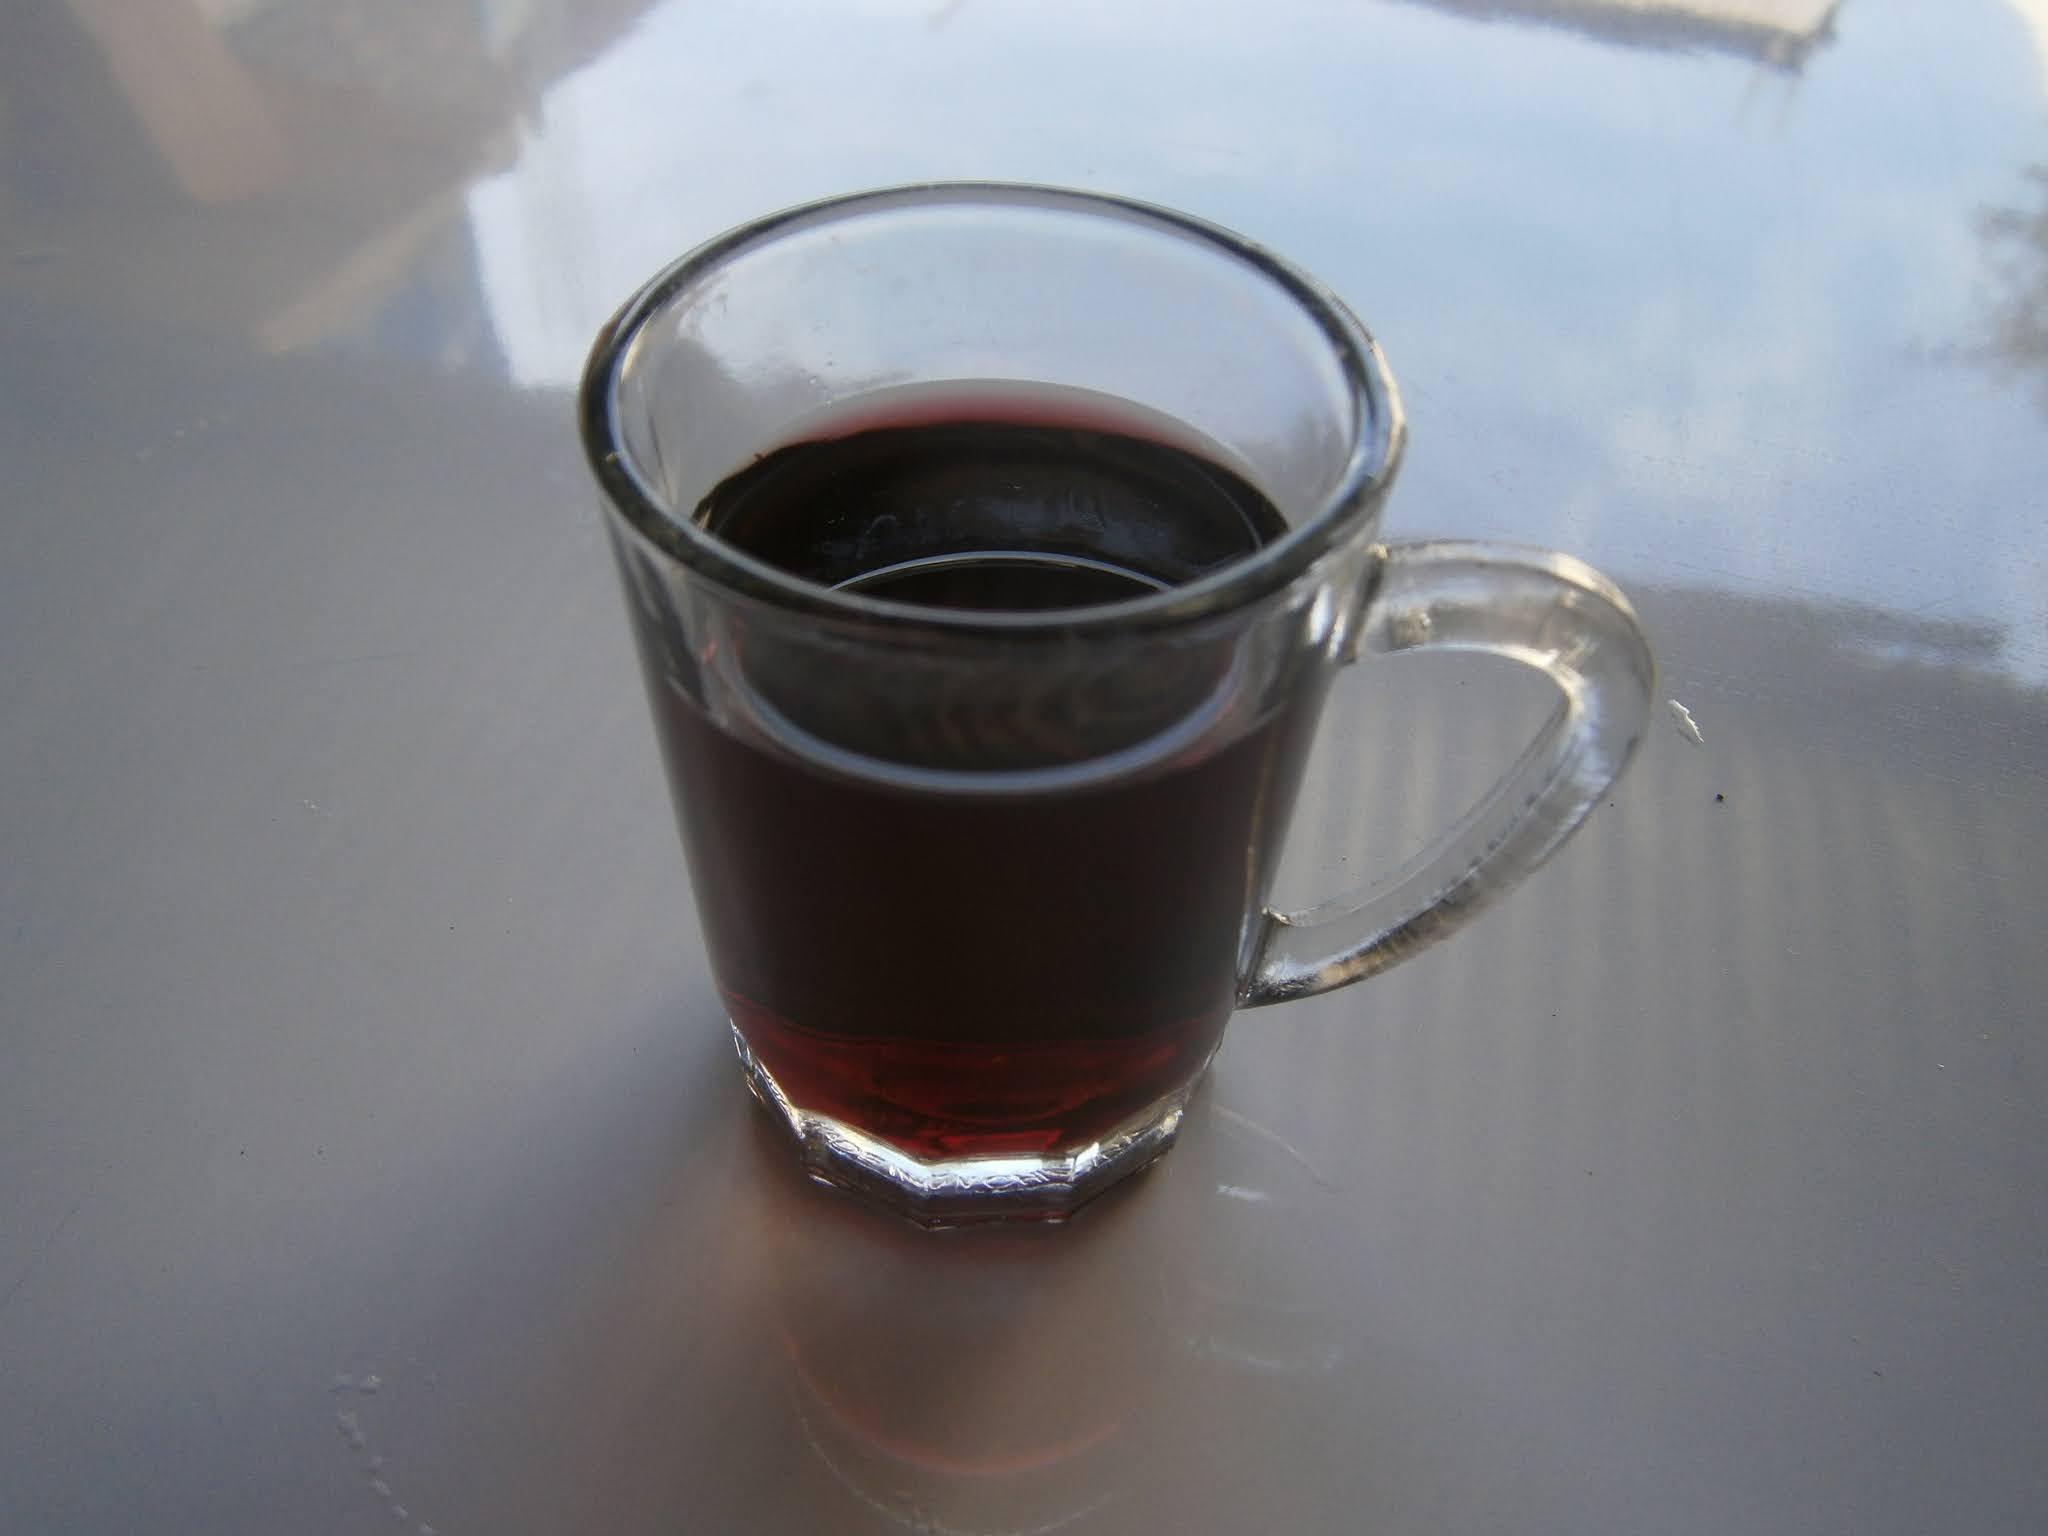 Descripción de la fotografía. Vaso de vino pequeño puesto sobre un fondo de color blanco. Vaso de vino peruano puesto sobre un fondo de color blanco.